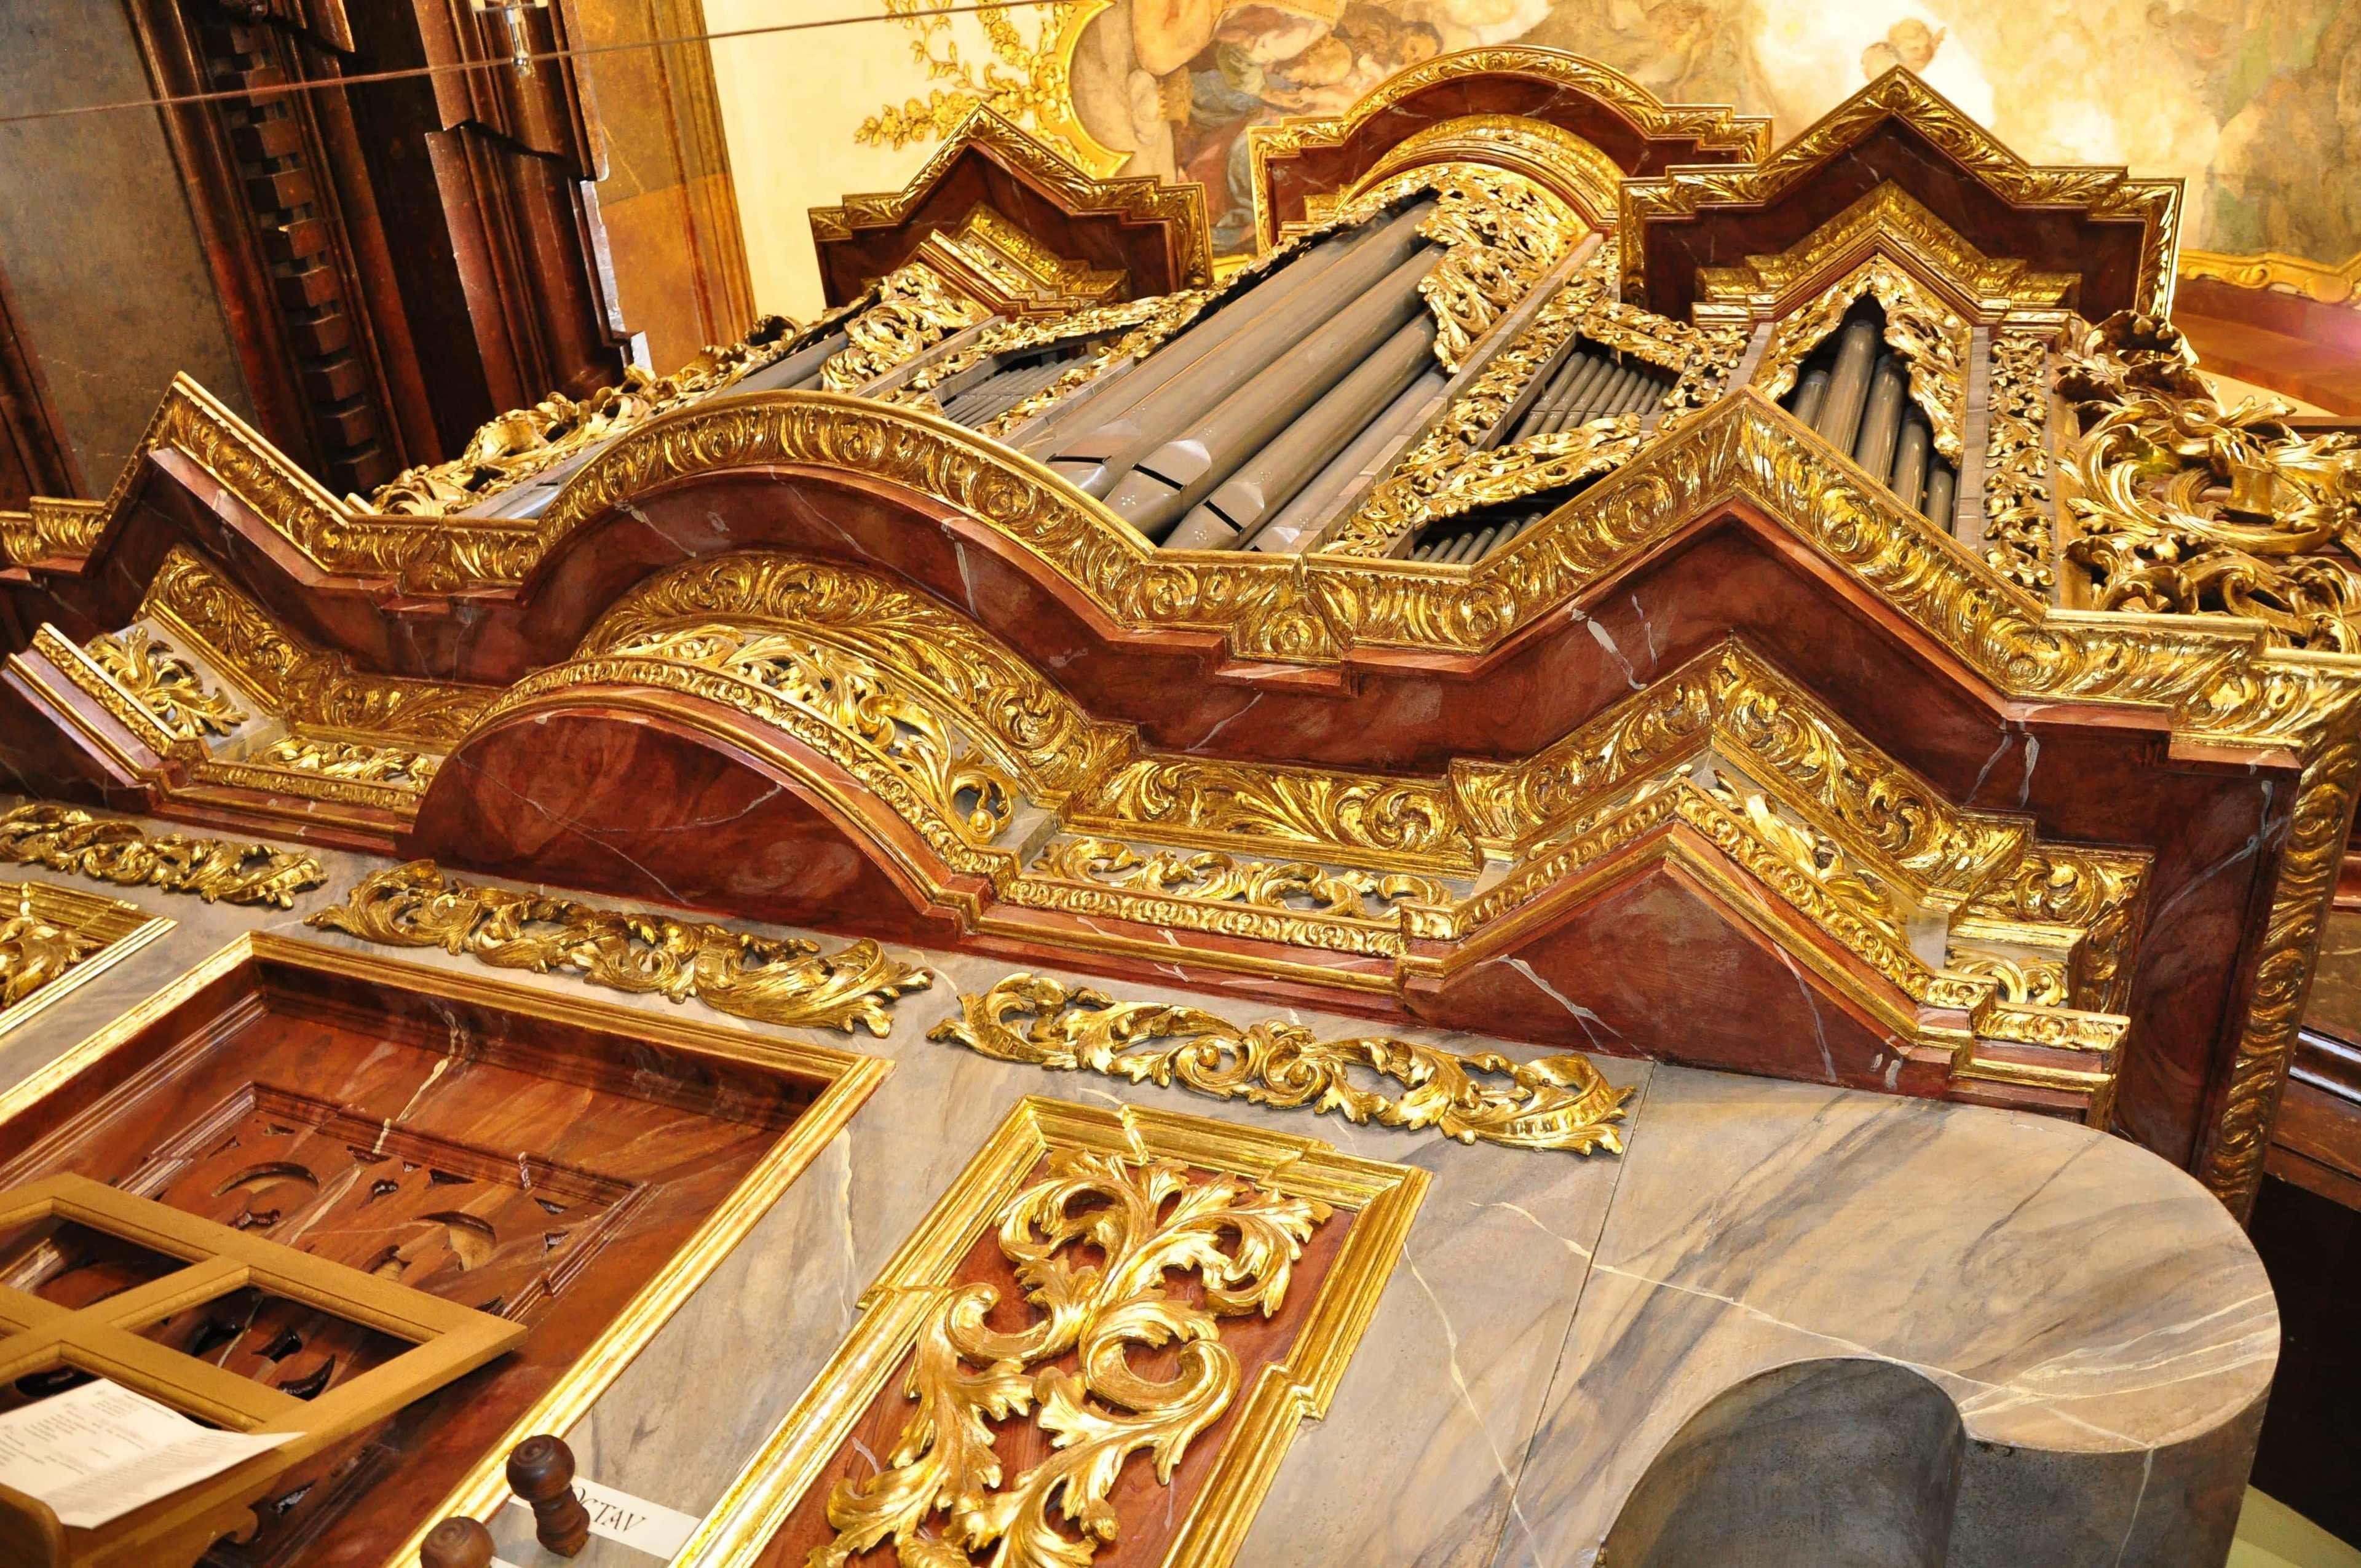 Berühmtes Orgelkonzert in der Kreuzherrenkirche